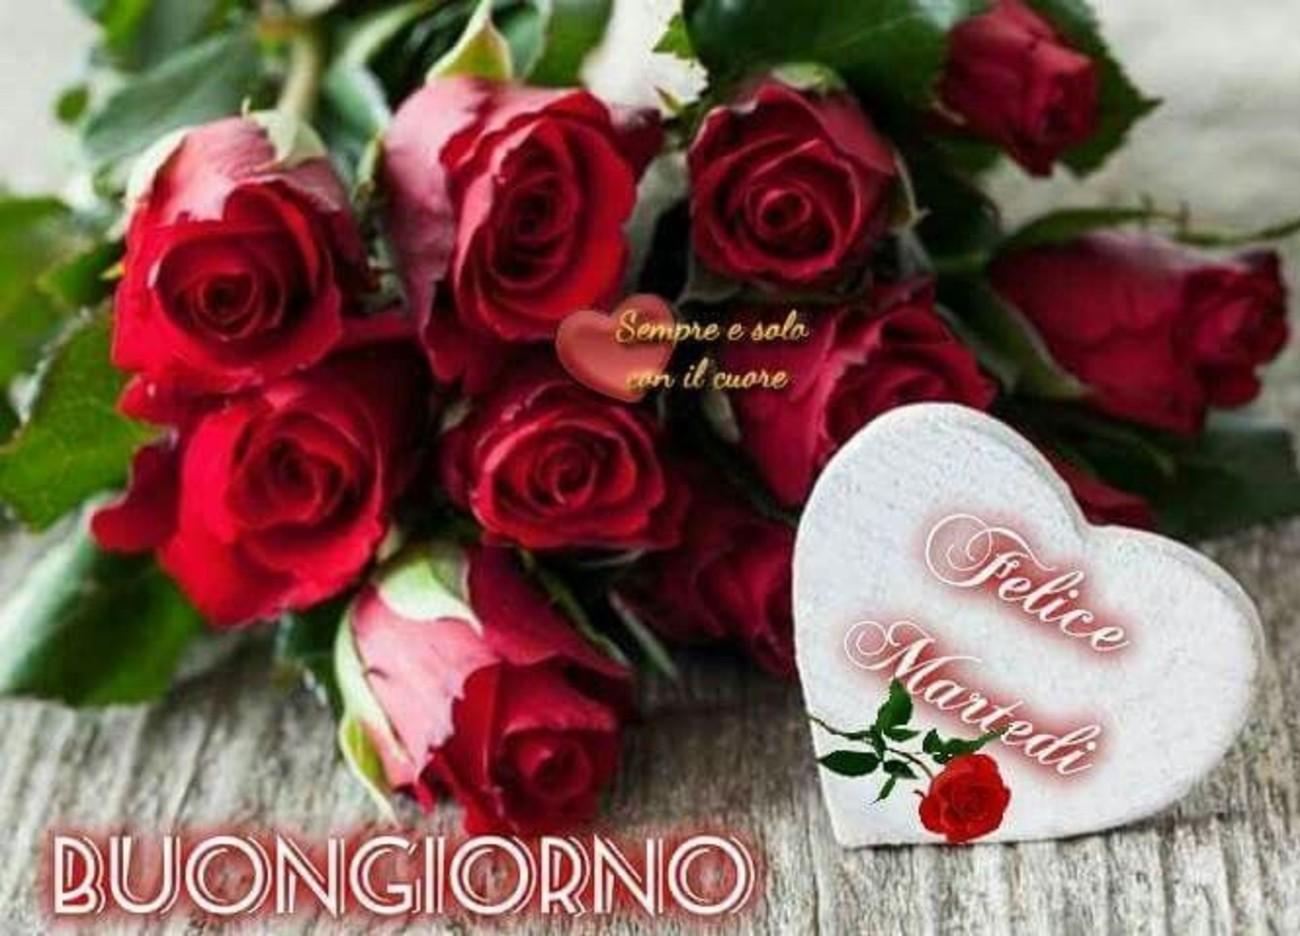 belle immagini buon martedi amore con rose (5)